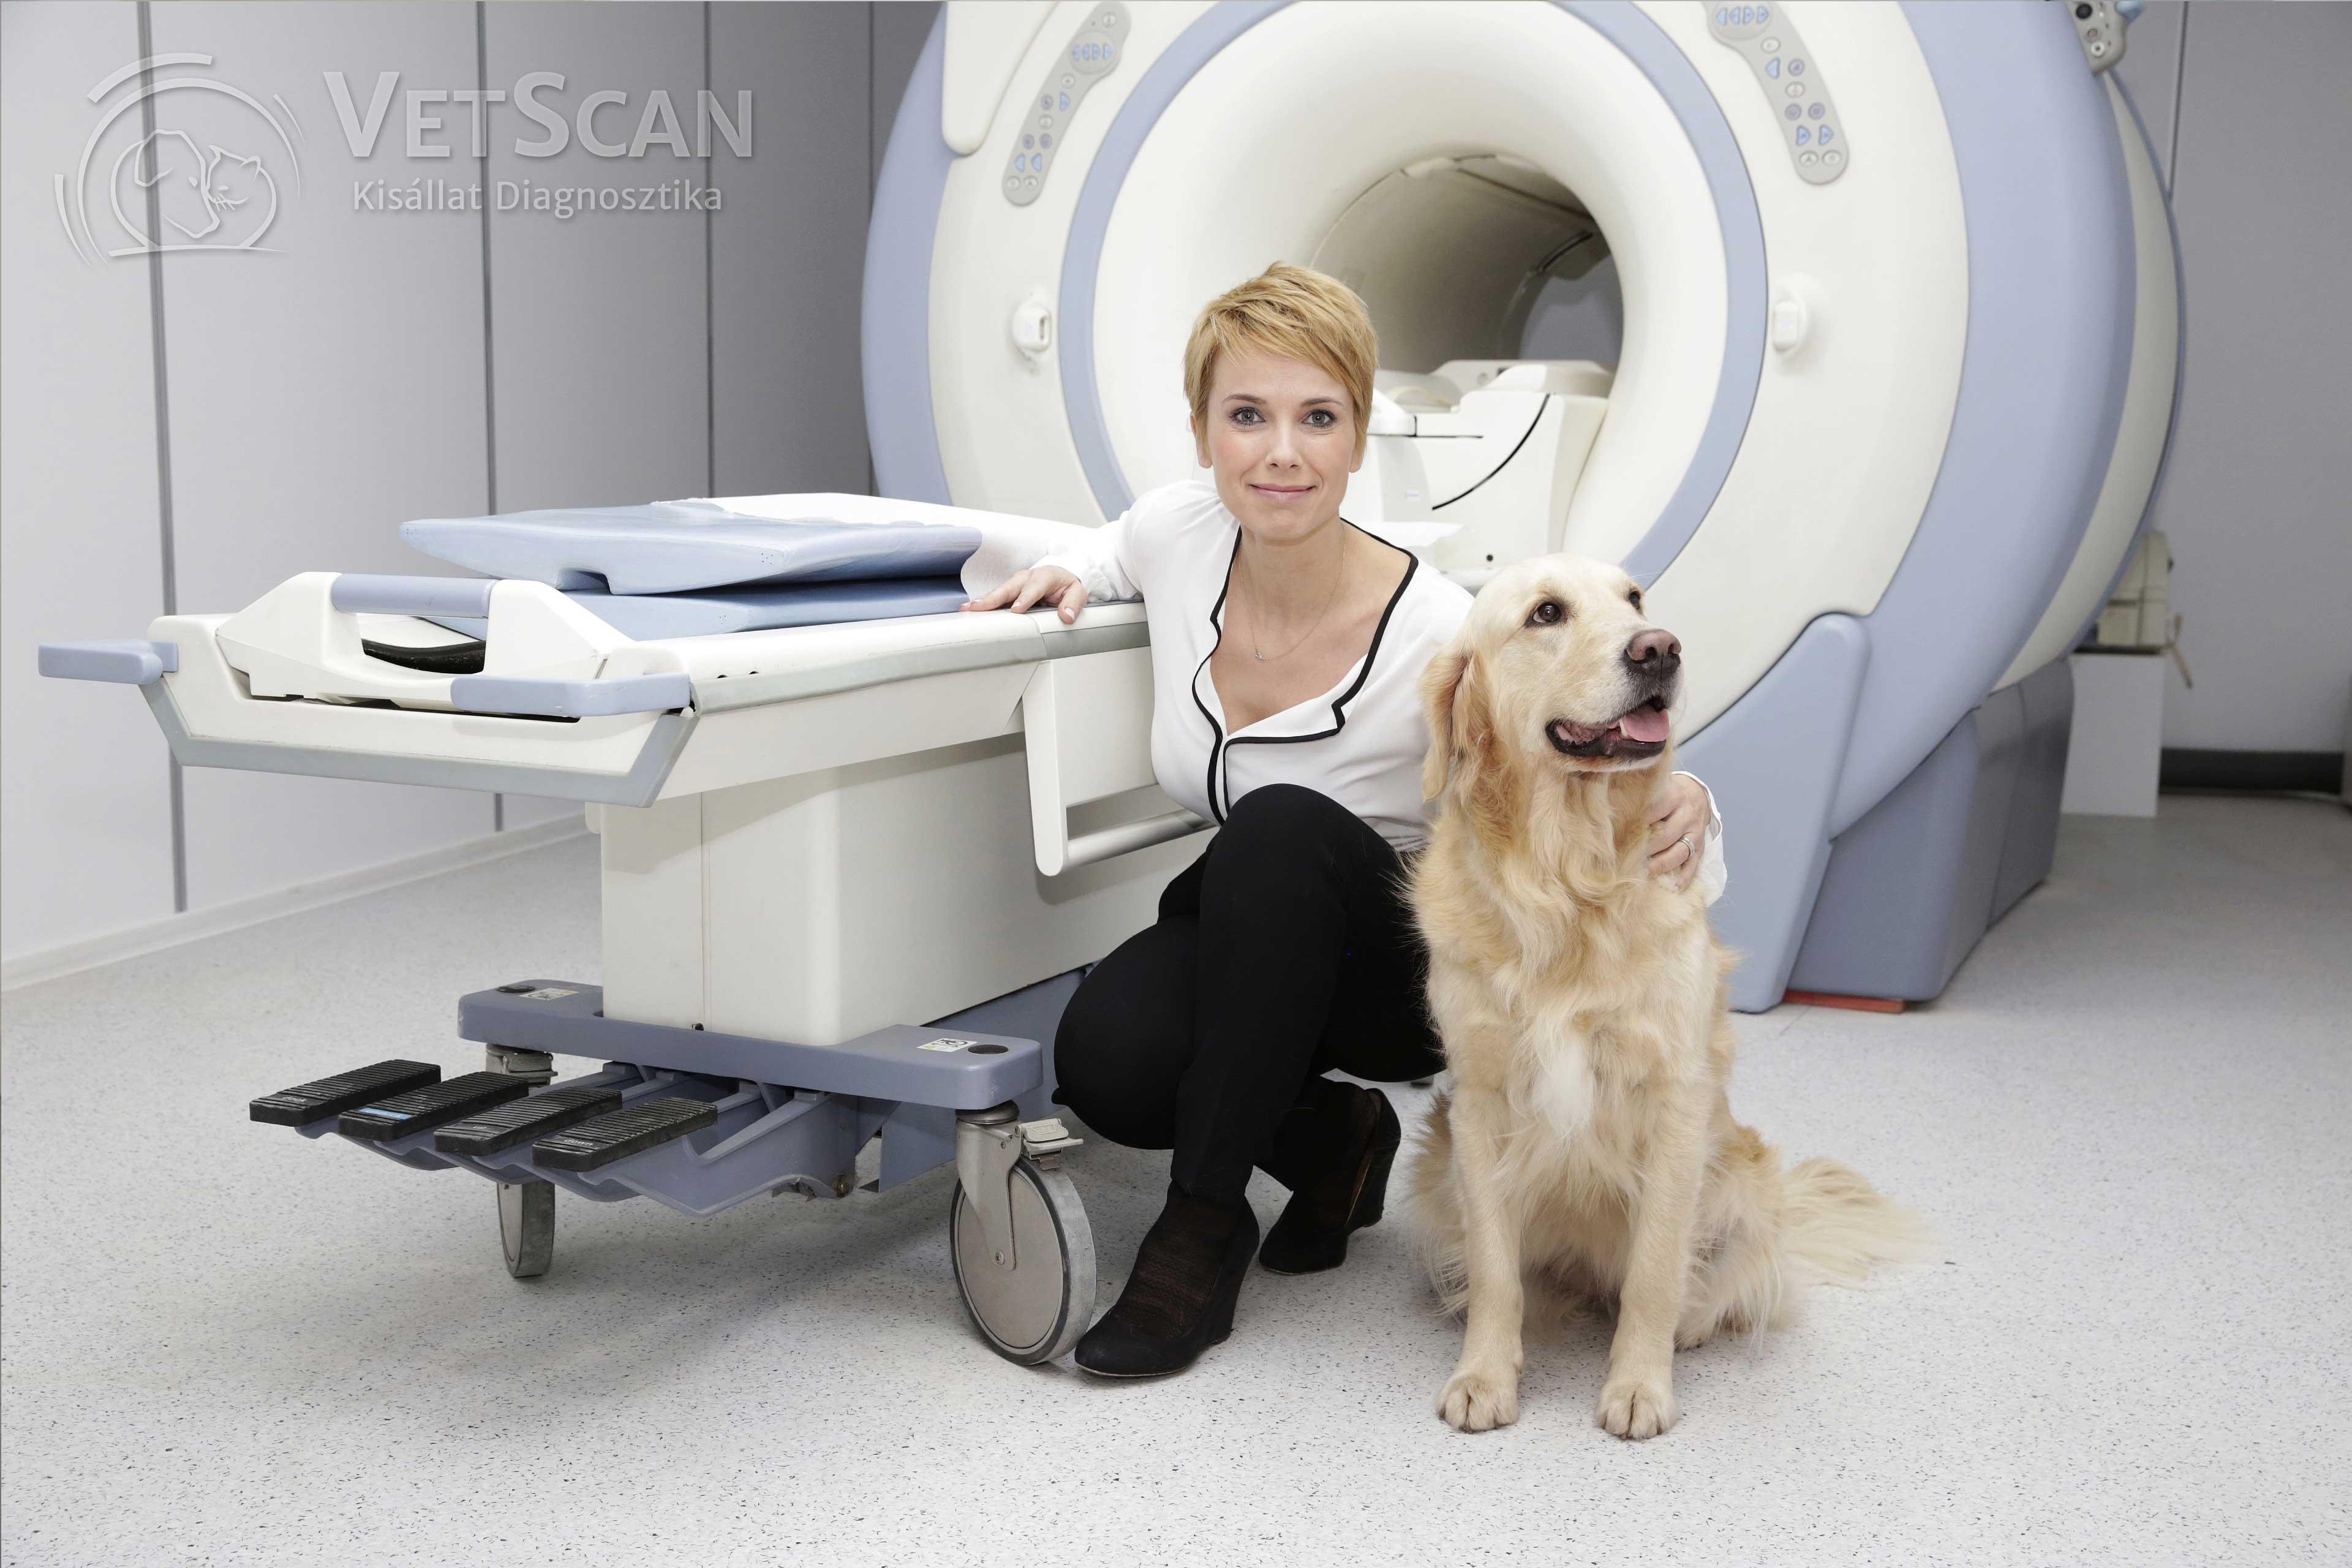 Mérföldkő az állatgyógyászatban: mától MR-vizsgálatot is kérhetsz kedvencednek